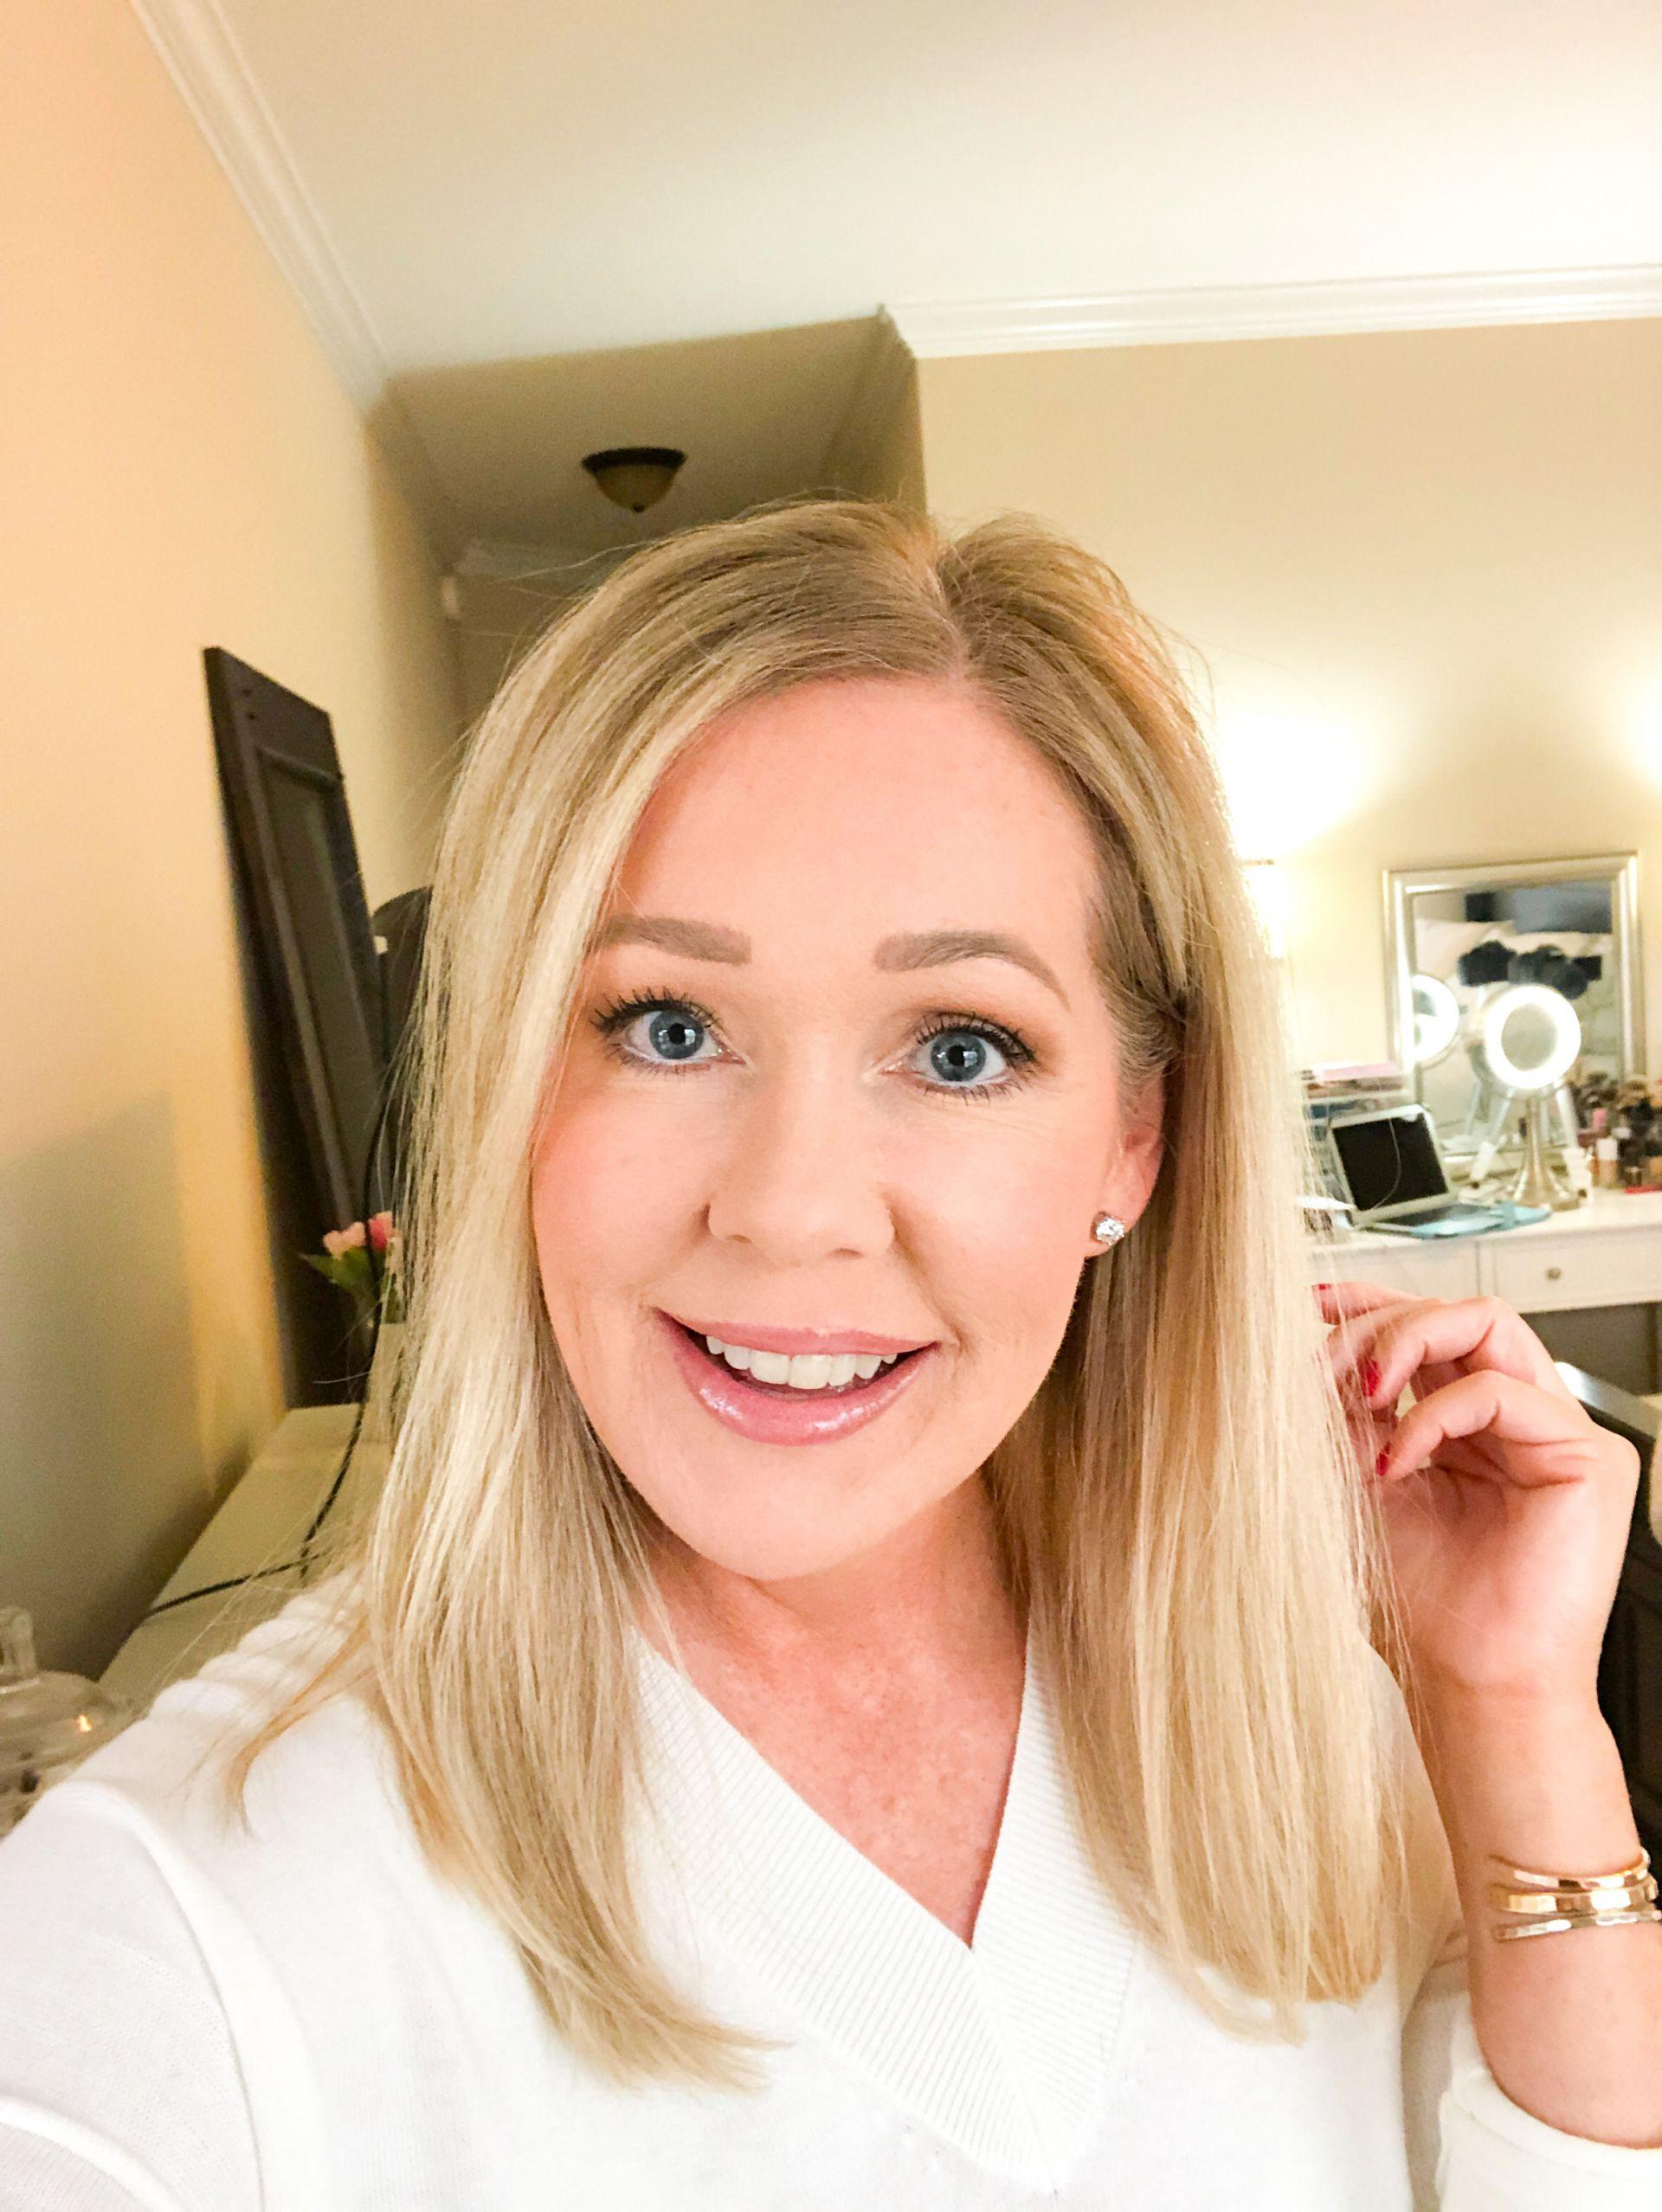 makeup routine misscrystalblog